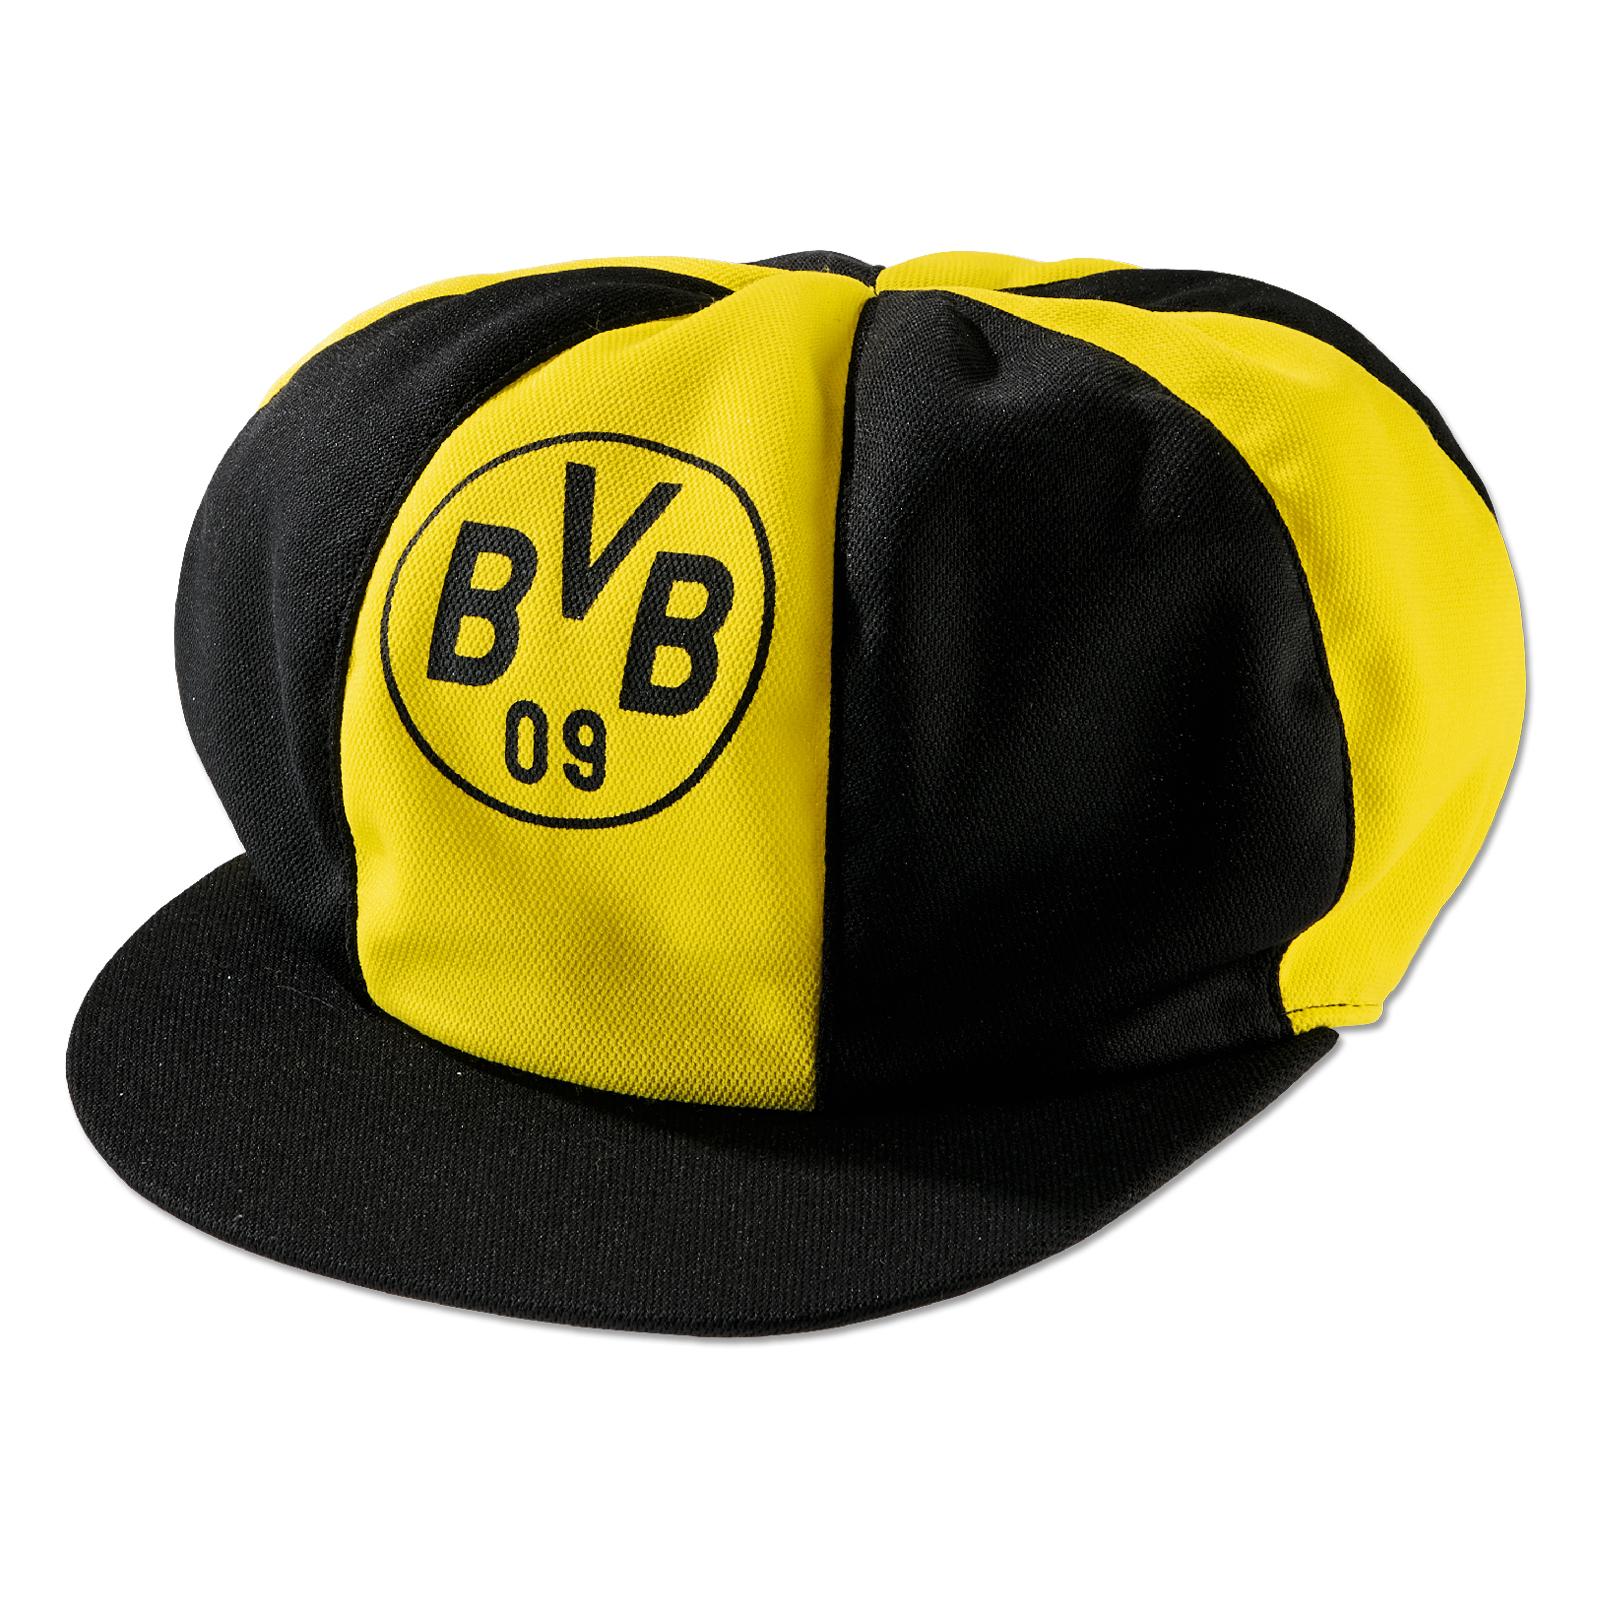 BVB-Ballonmütze für nur 5€   1989 - Revival-Mütze